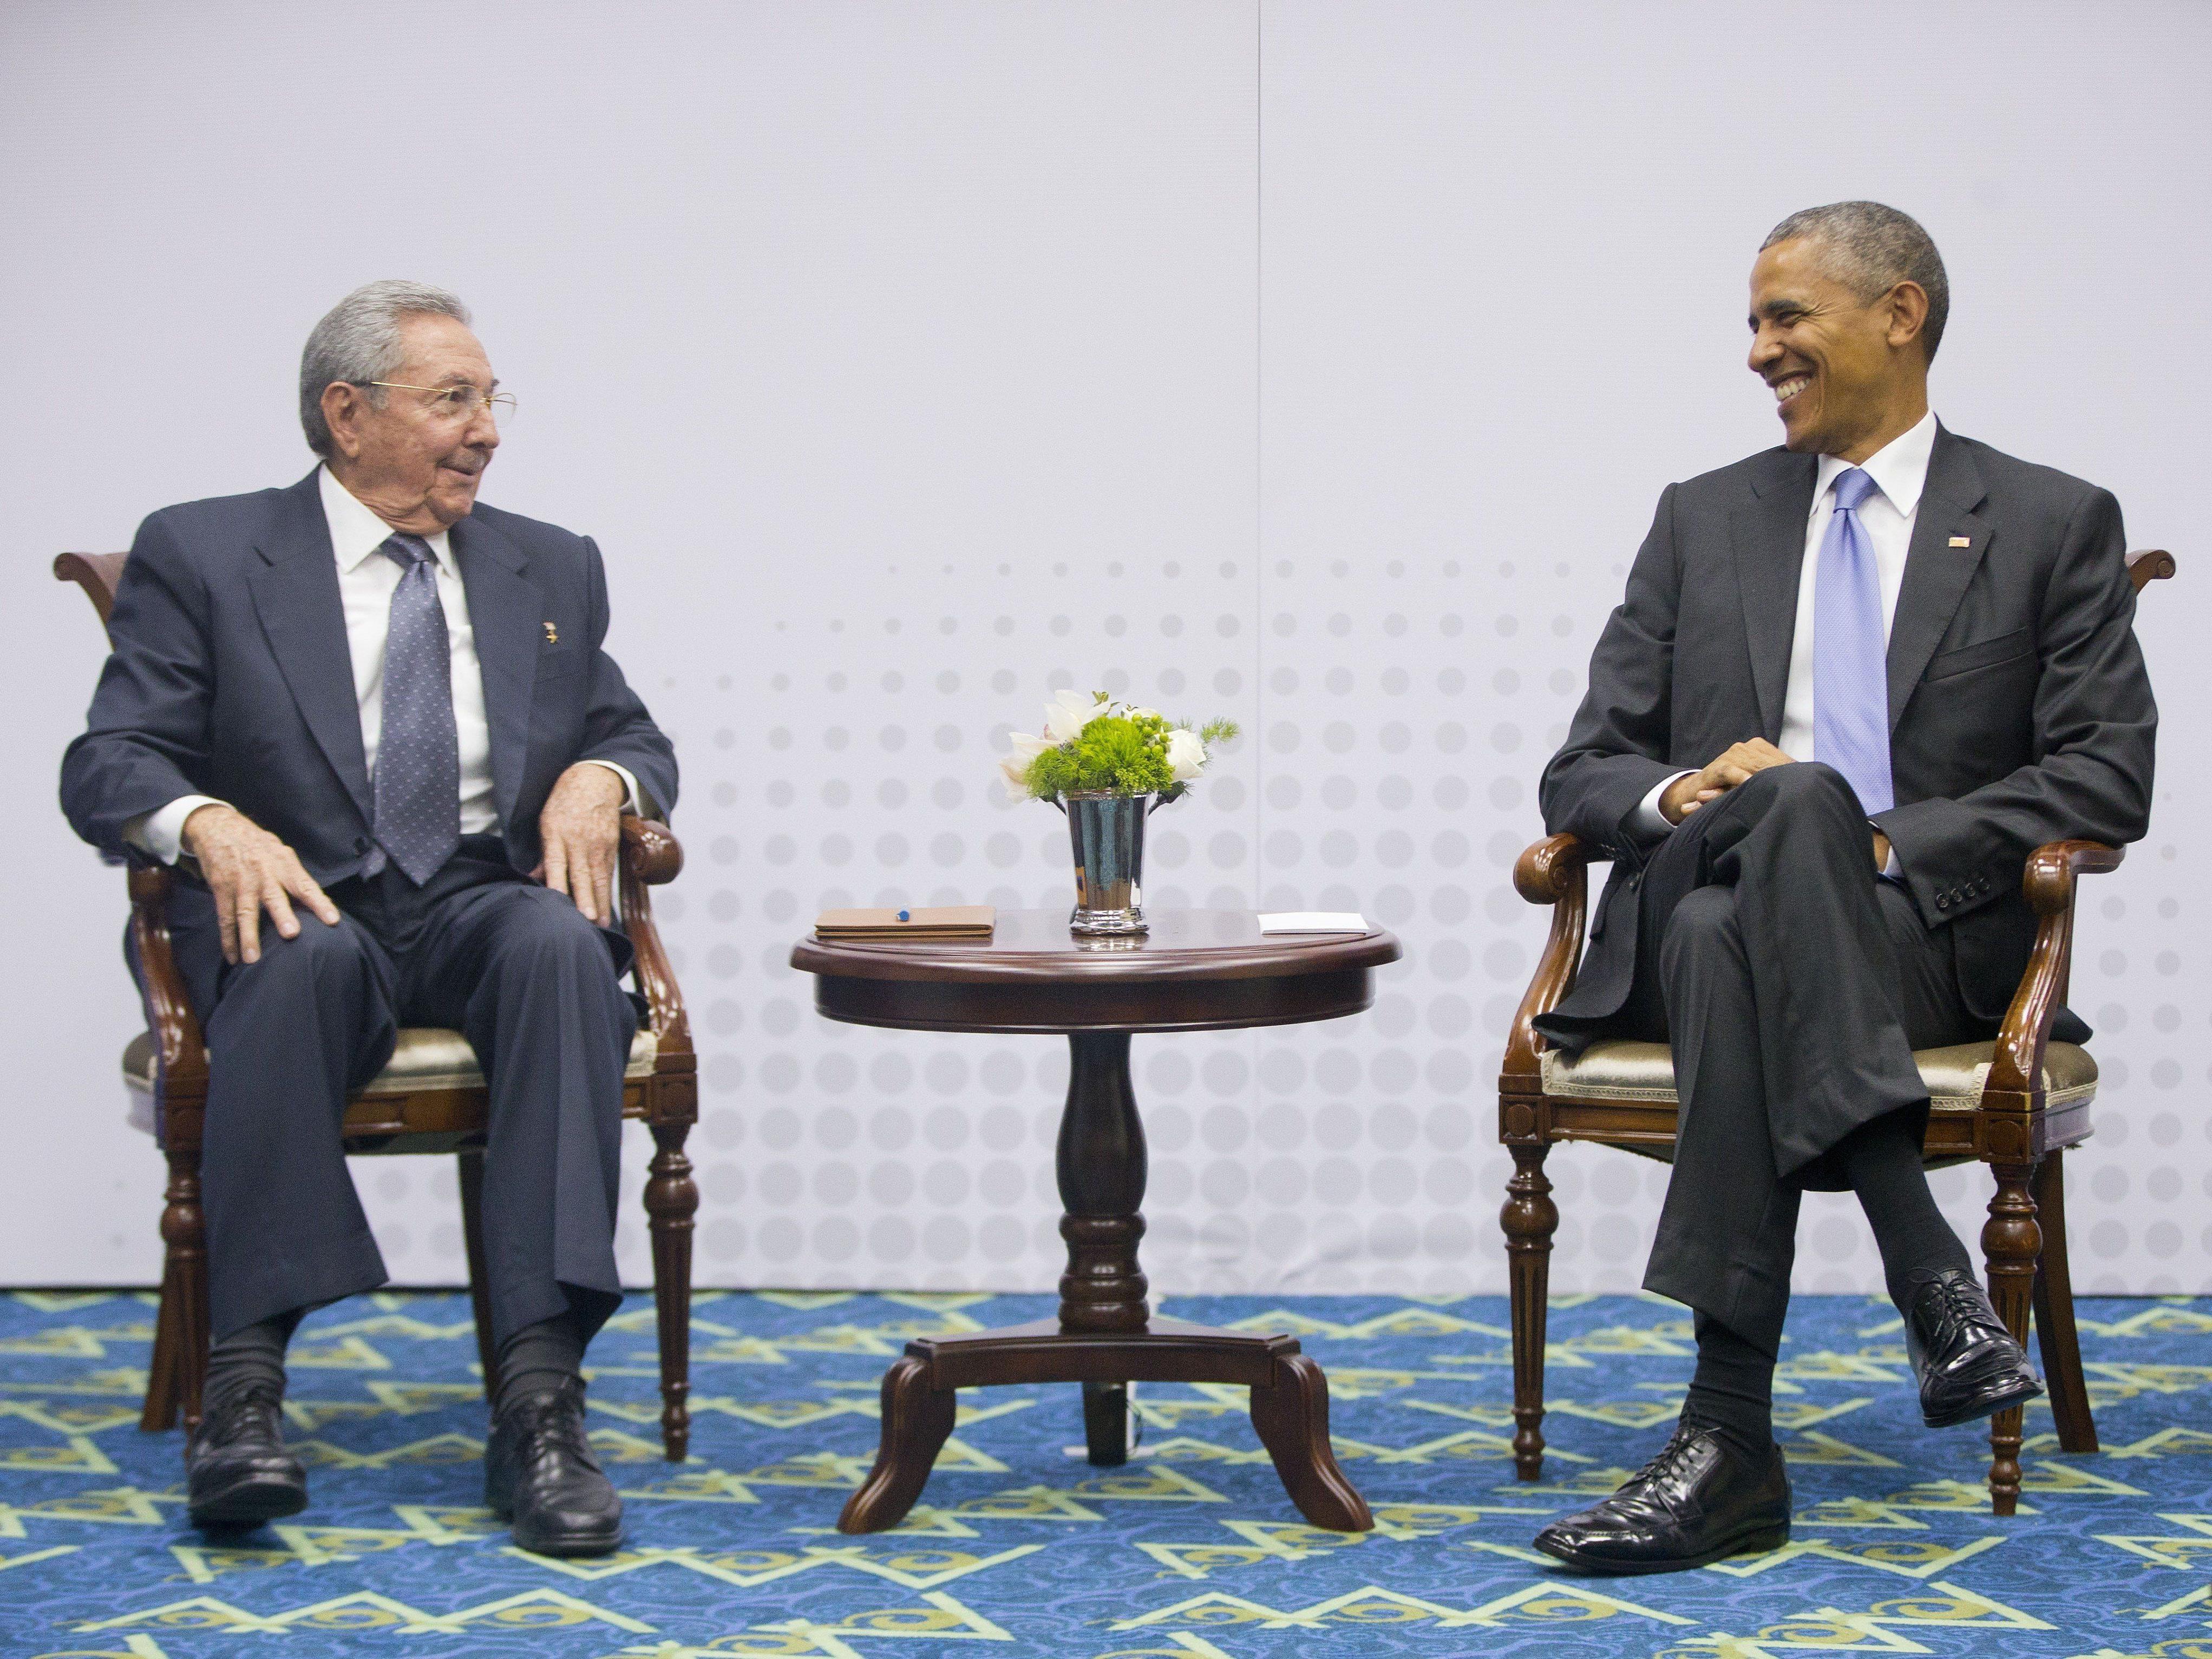 Castro nahm schriftlichen Vorschlag von Obama an.